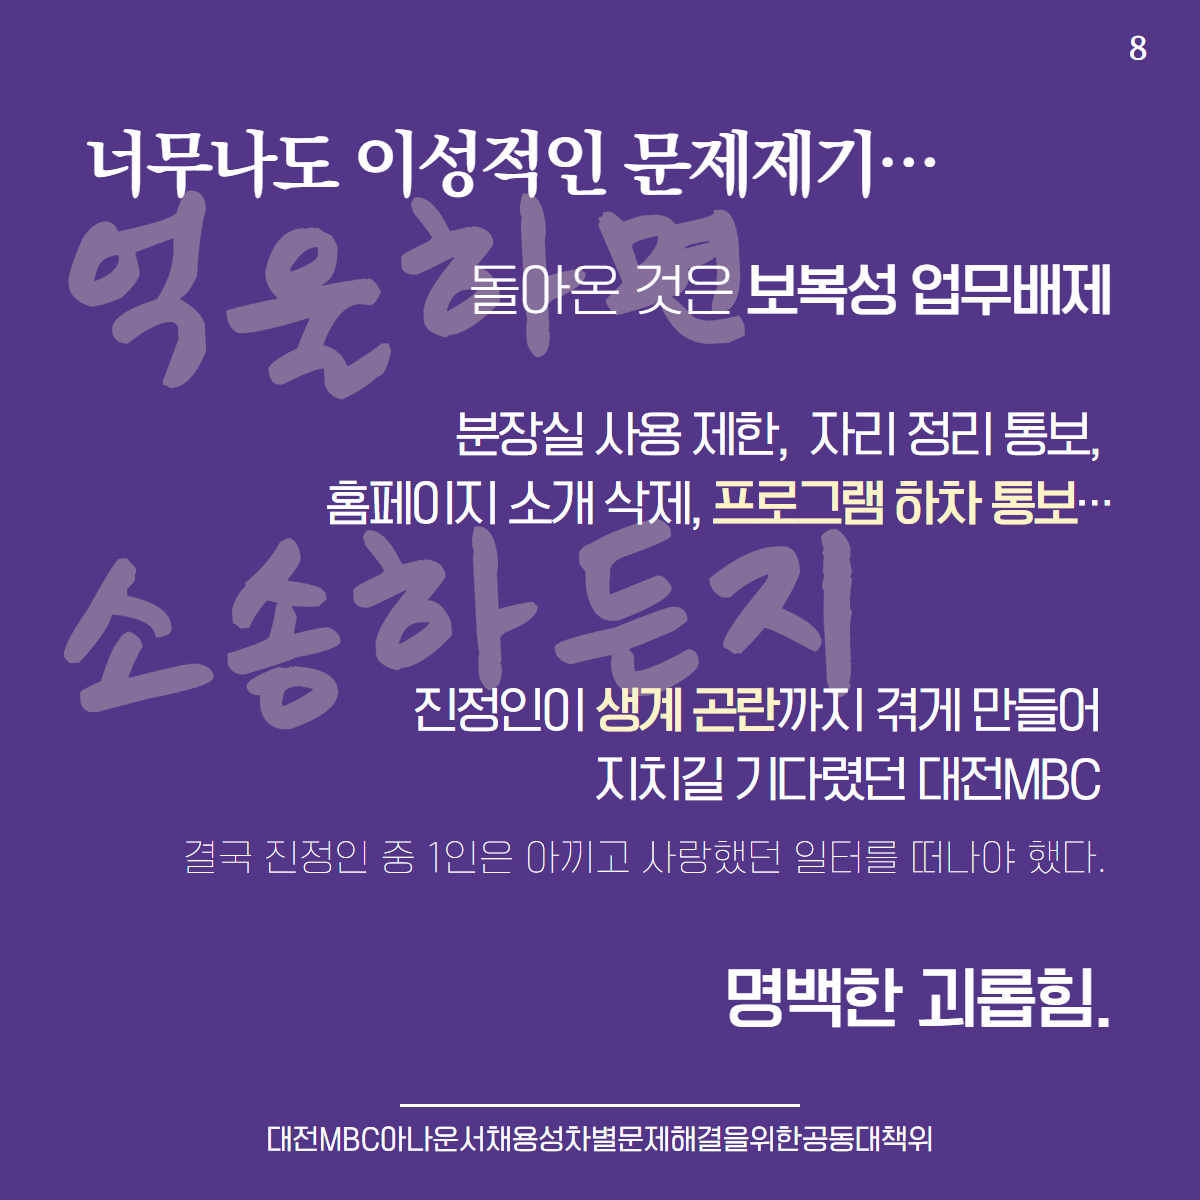 대전MBC_인권위결정1-8.png